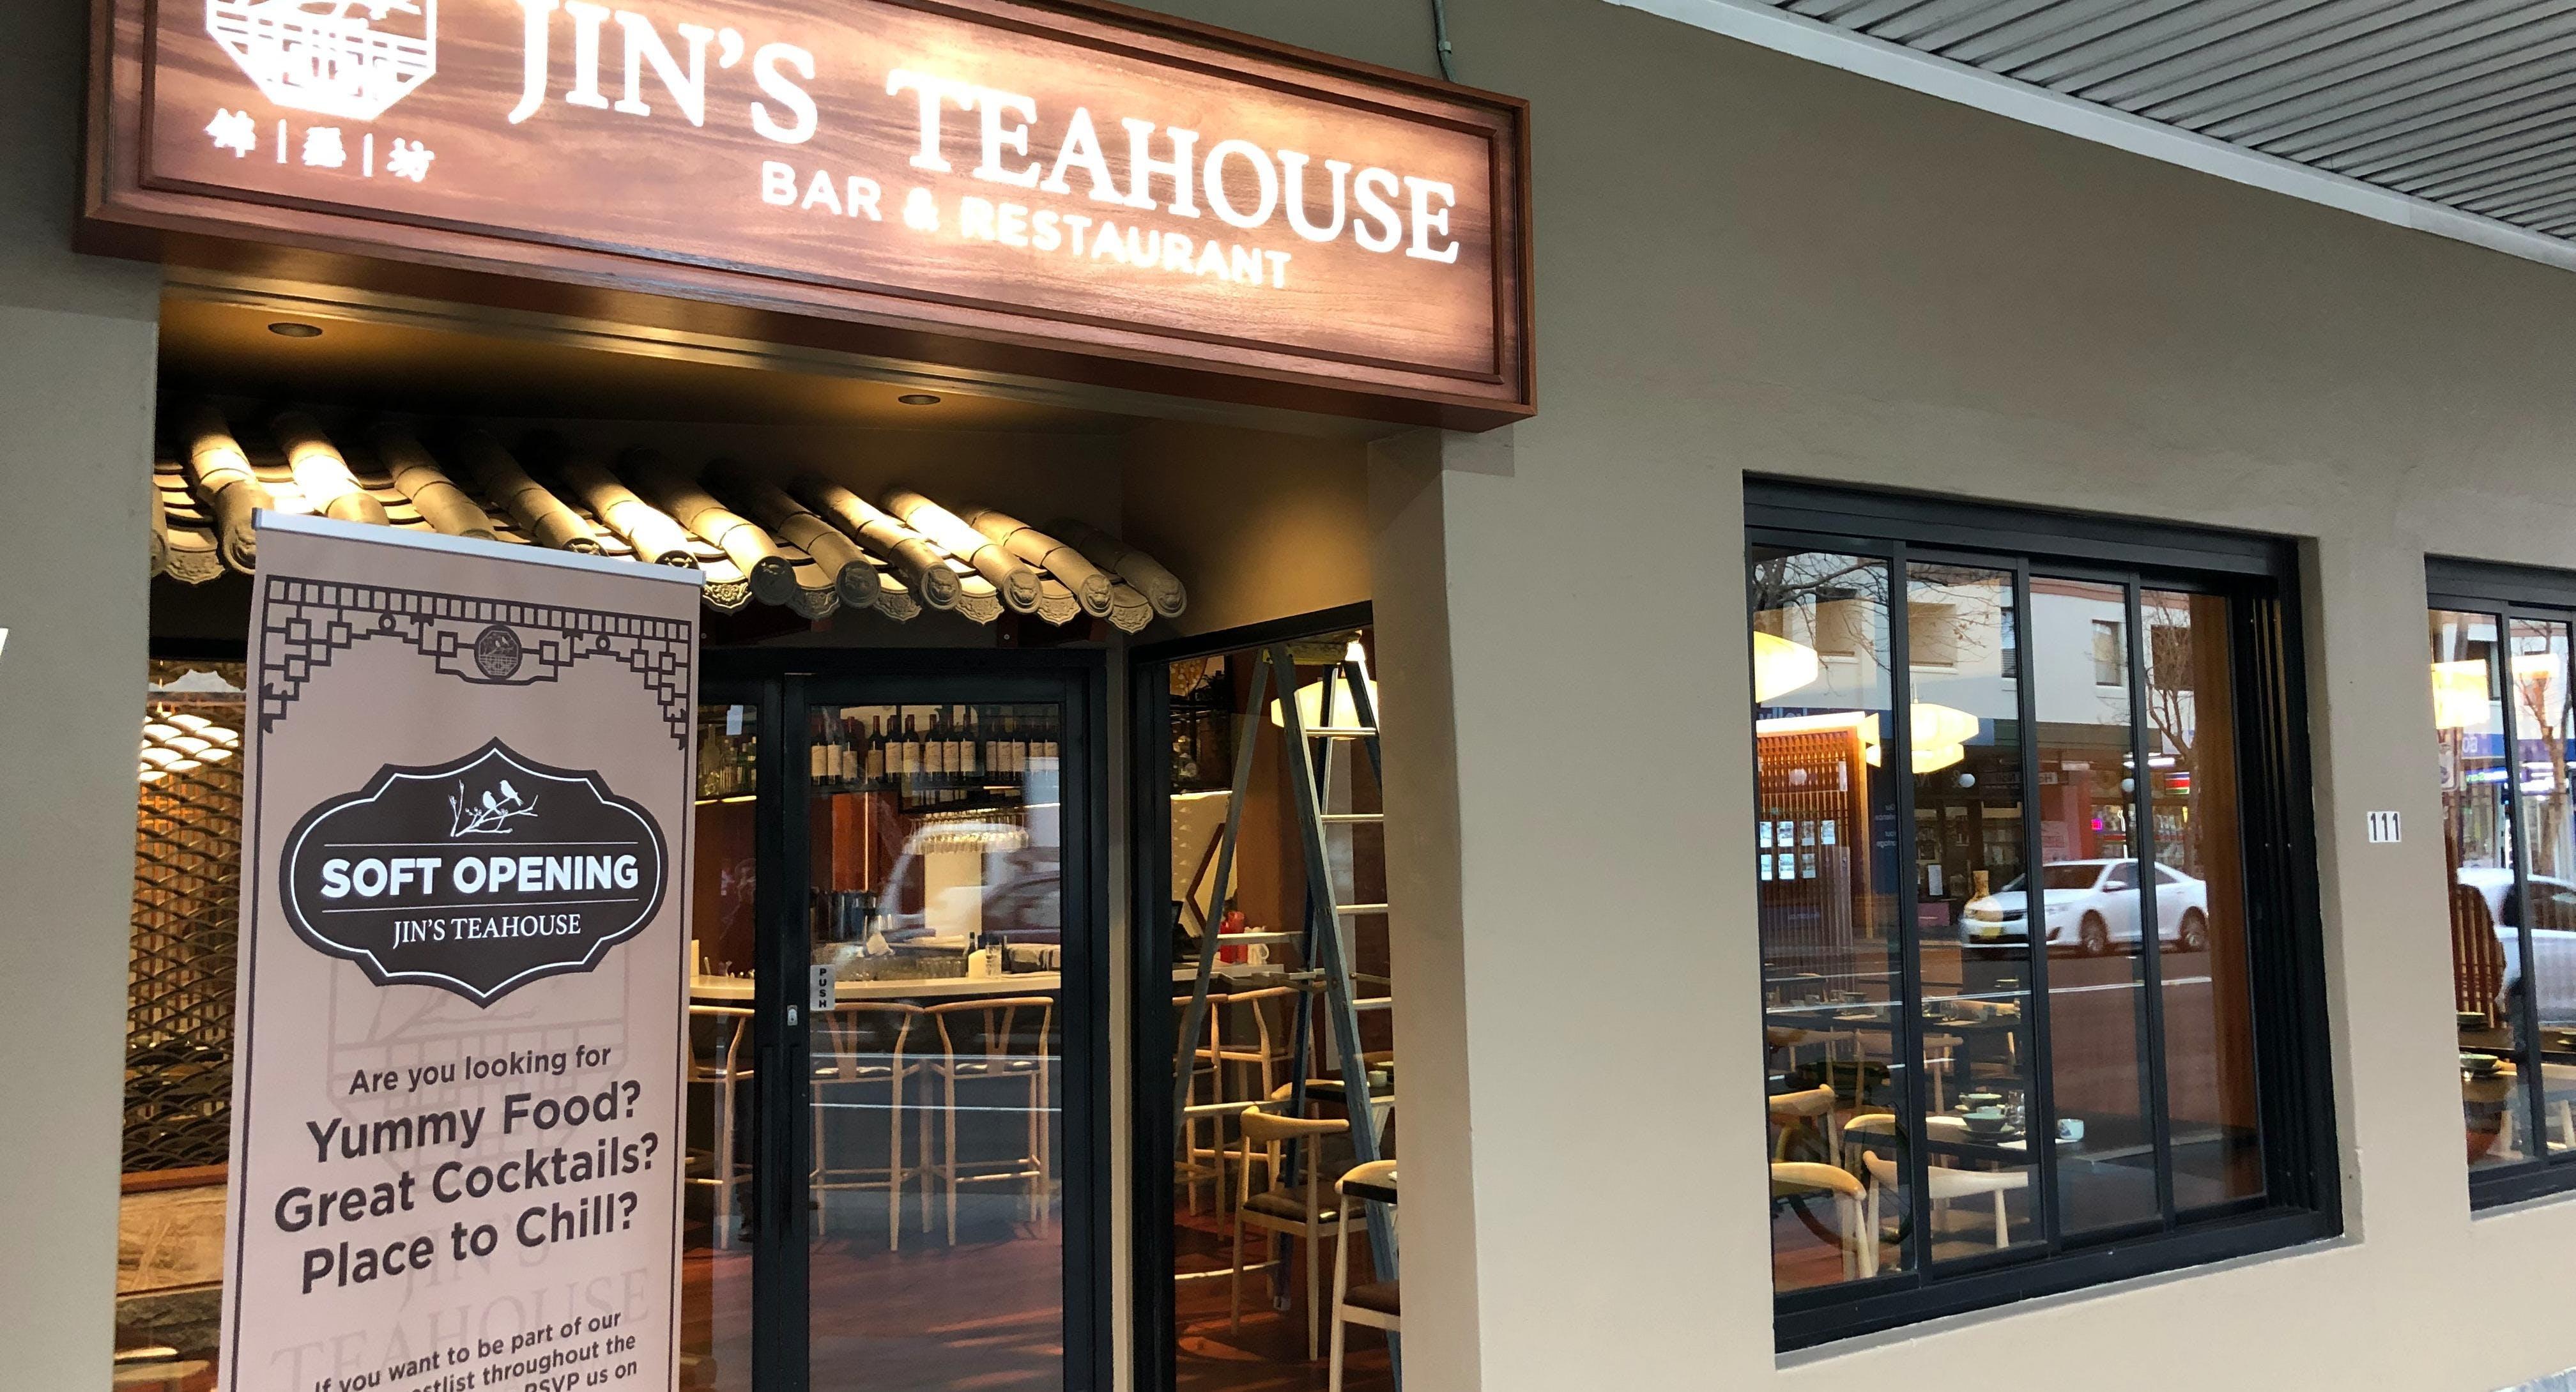 Jin's Teahouse